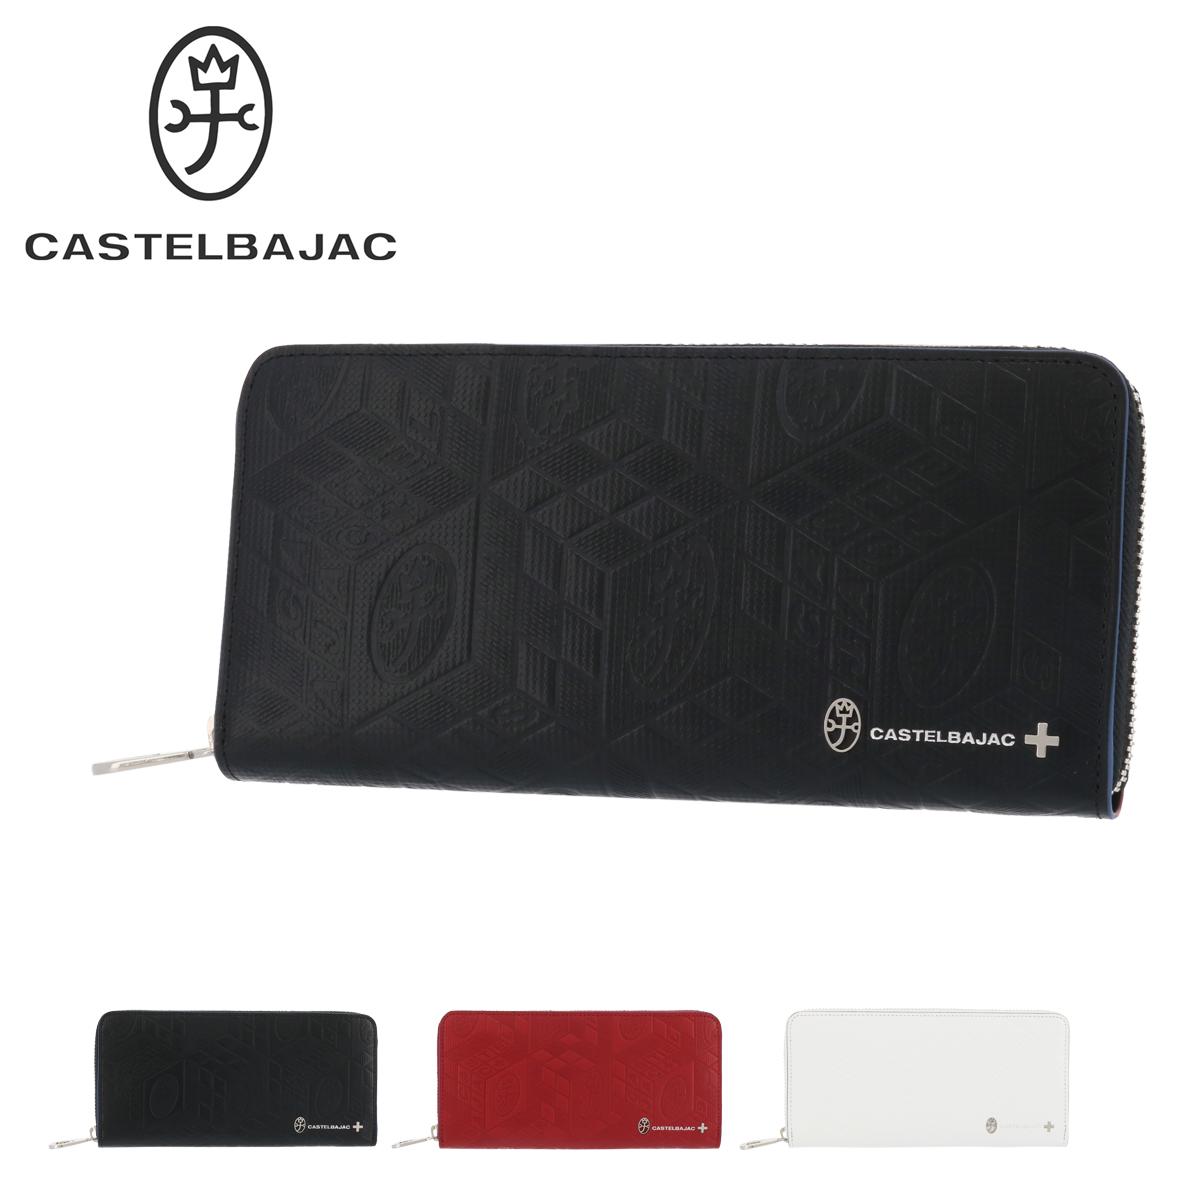 カステルバジャック 長財布 ラウンドファスナー タタン メンズ 067616 CASTELBAJAC | 牛革 本革 レザー[PO10]